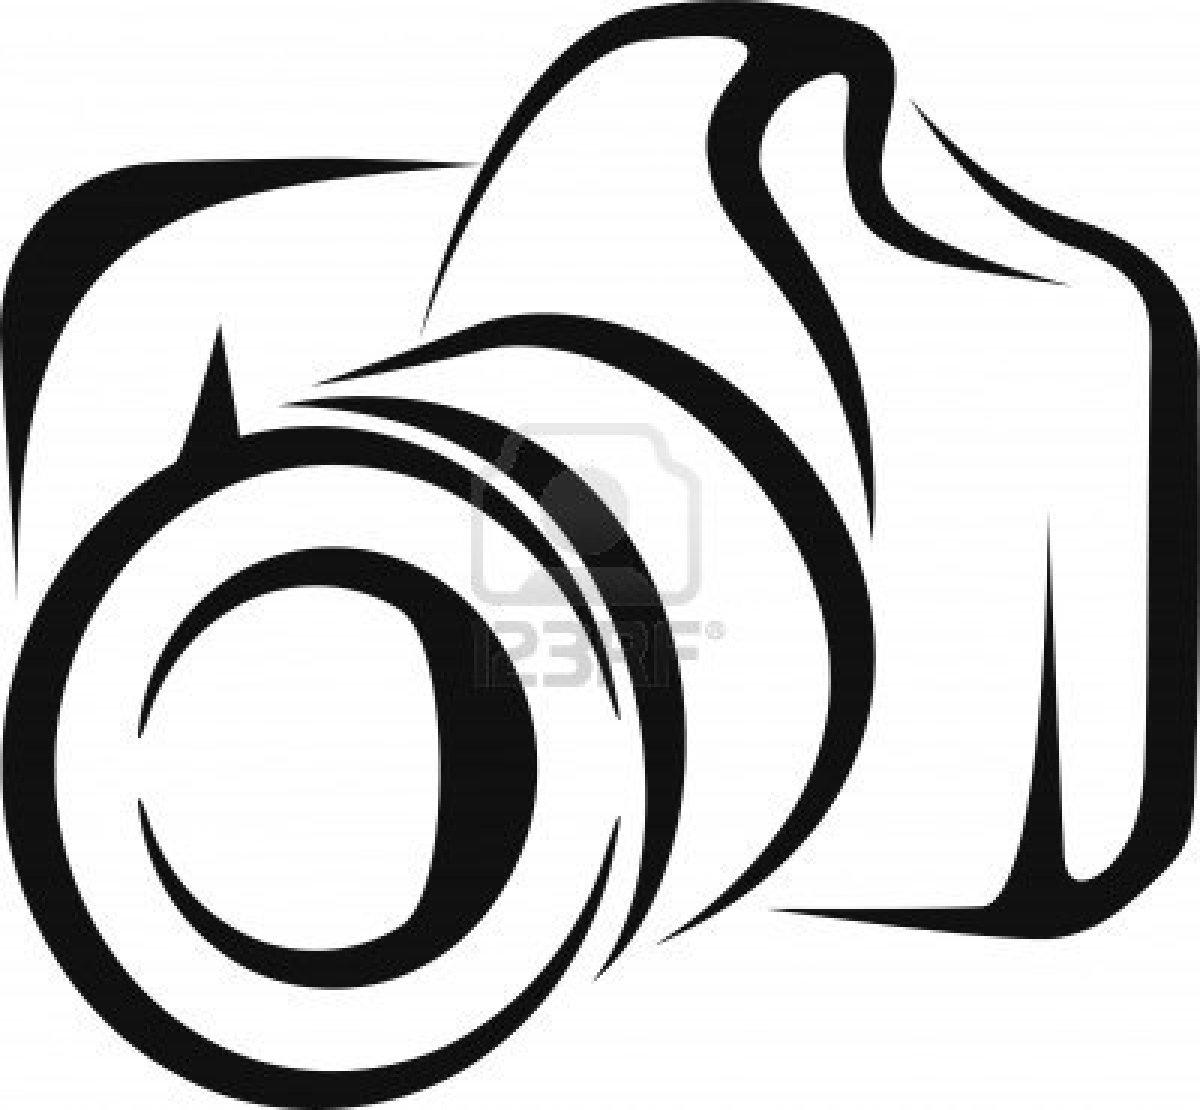 1200x1110 Camera Images Clip Art